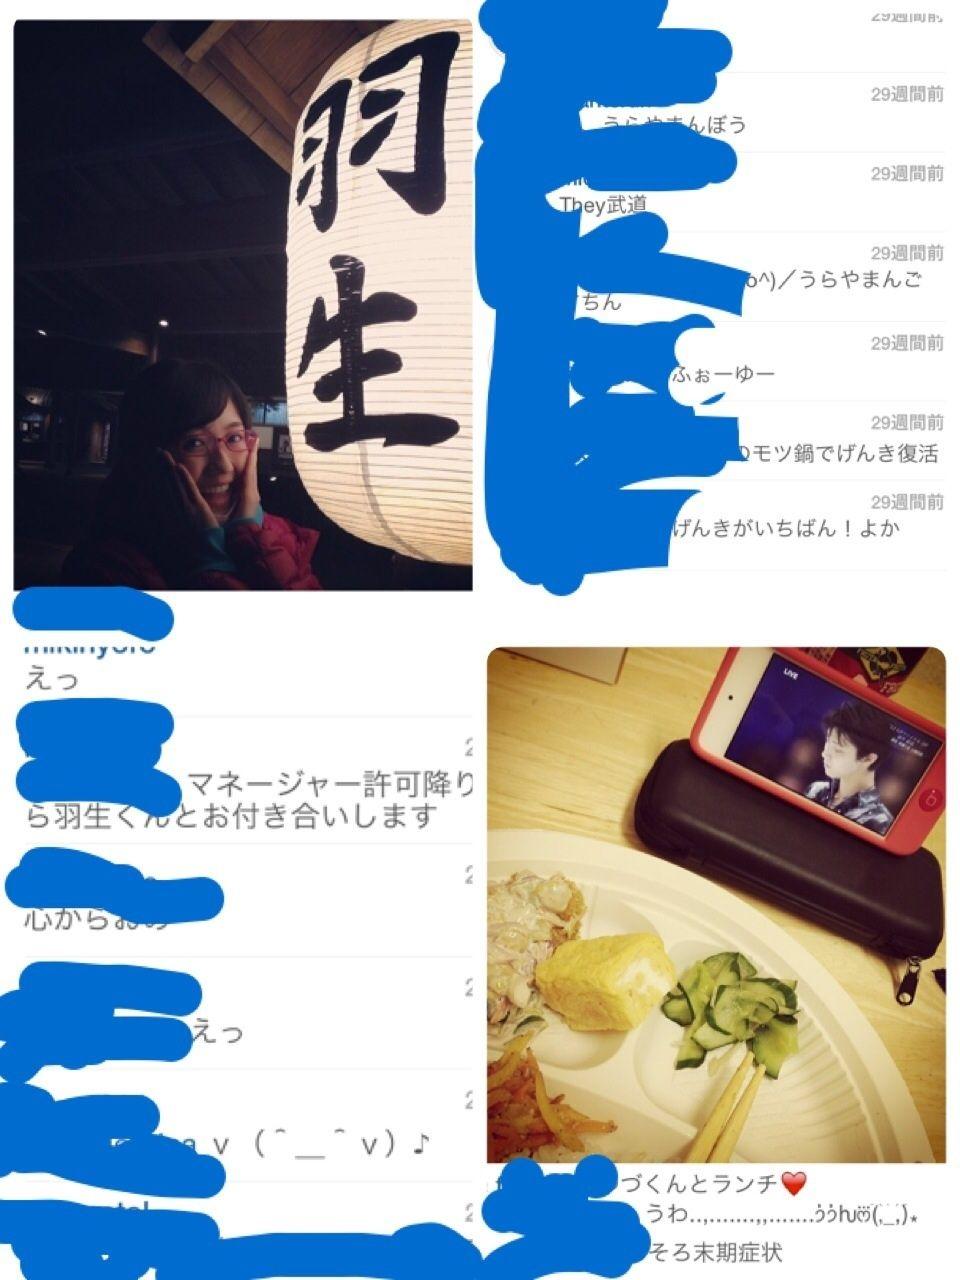 マン筋が透けてるアイドルの画像 18スジ目YouTube動画>1本 ->画像>556枚